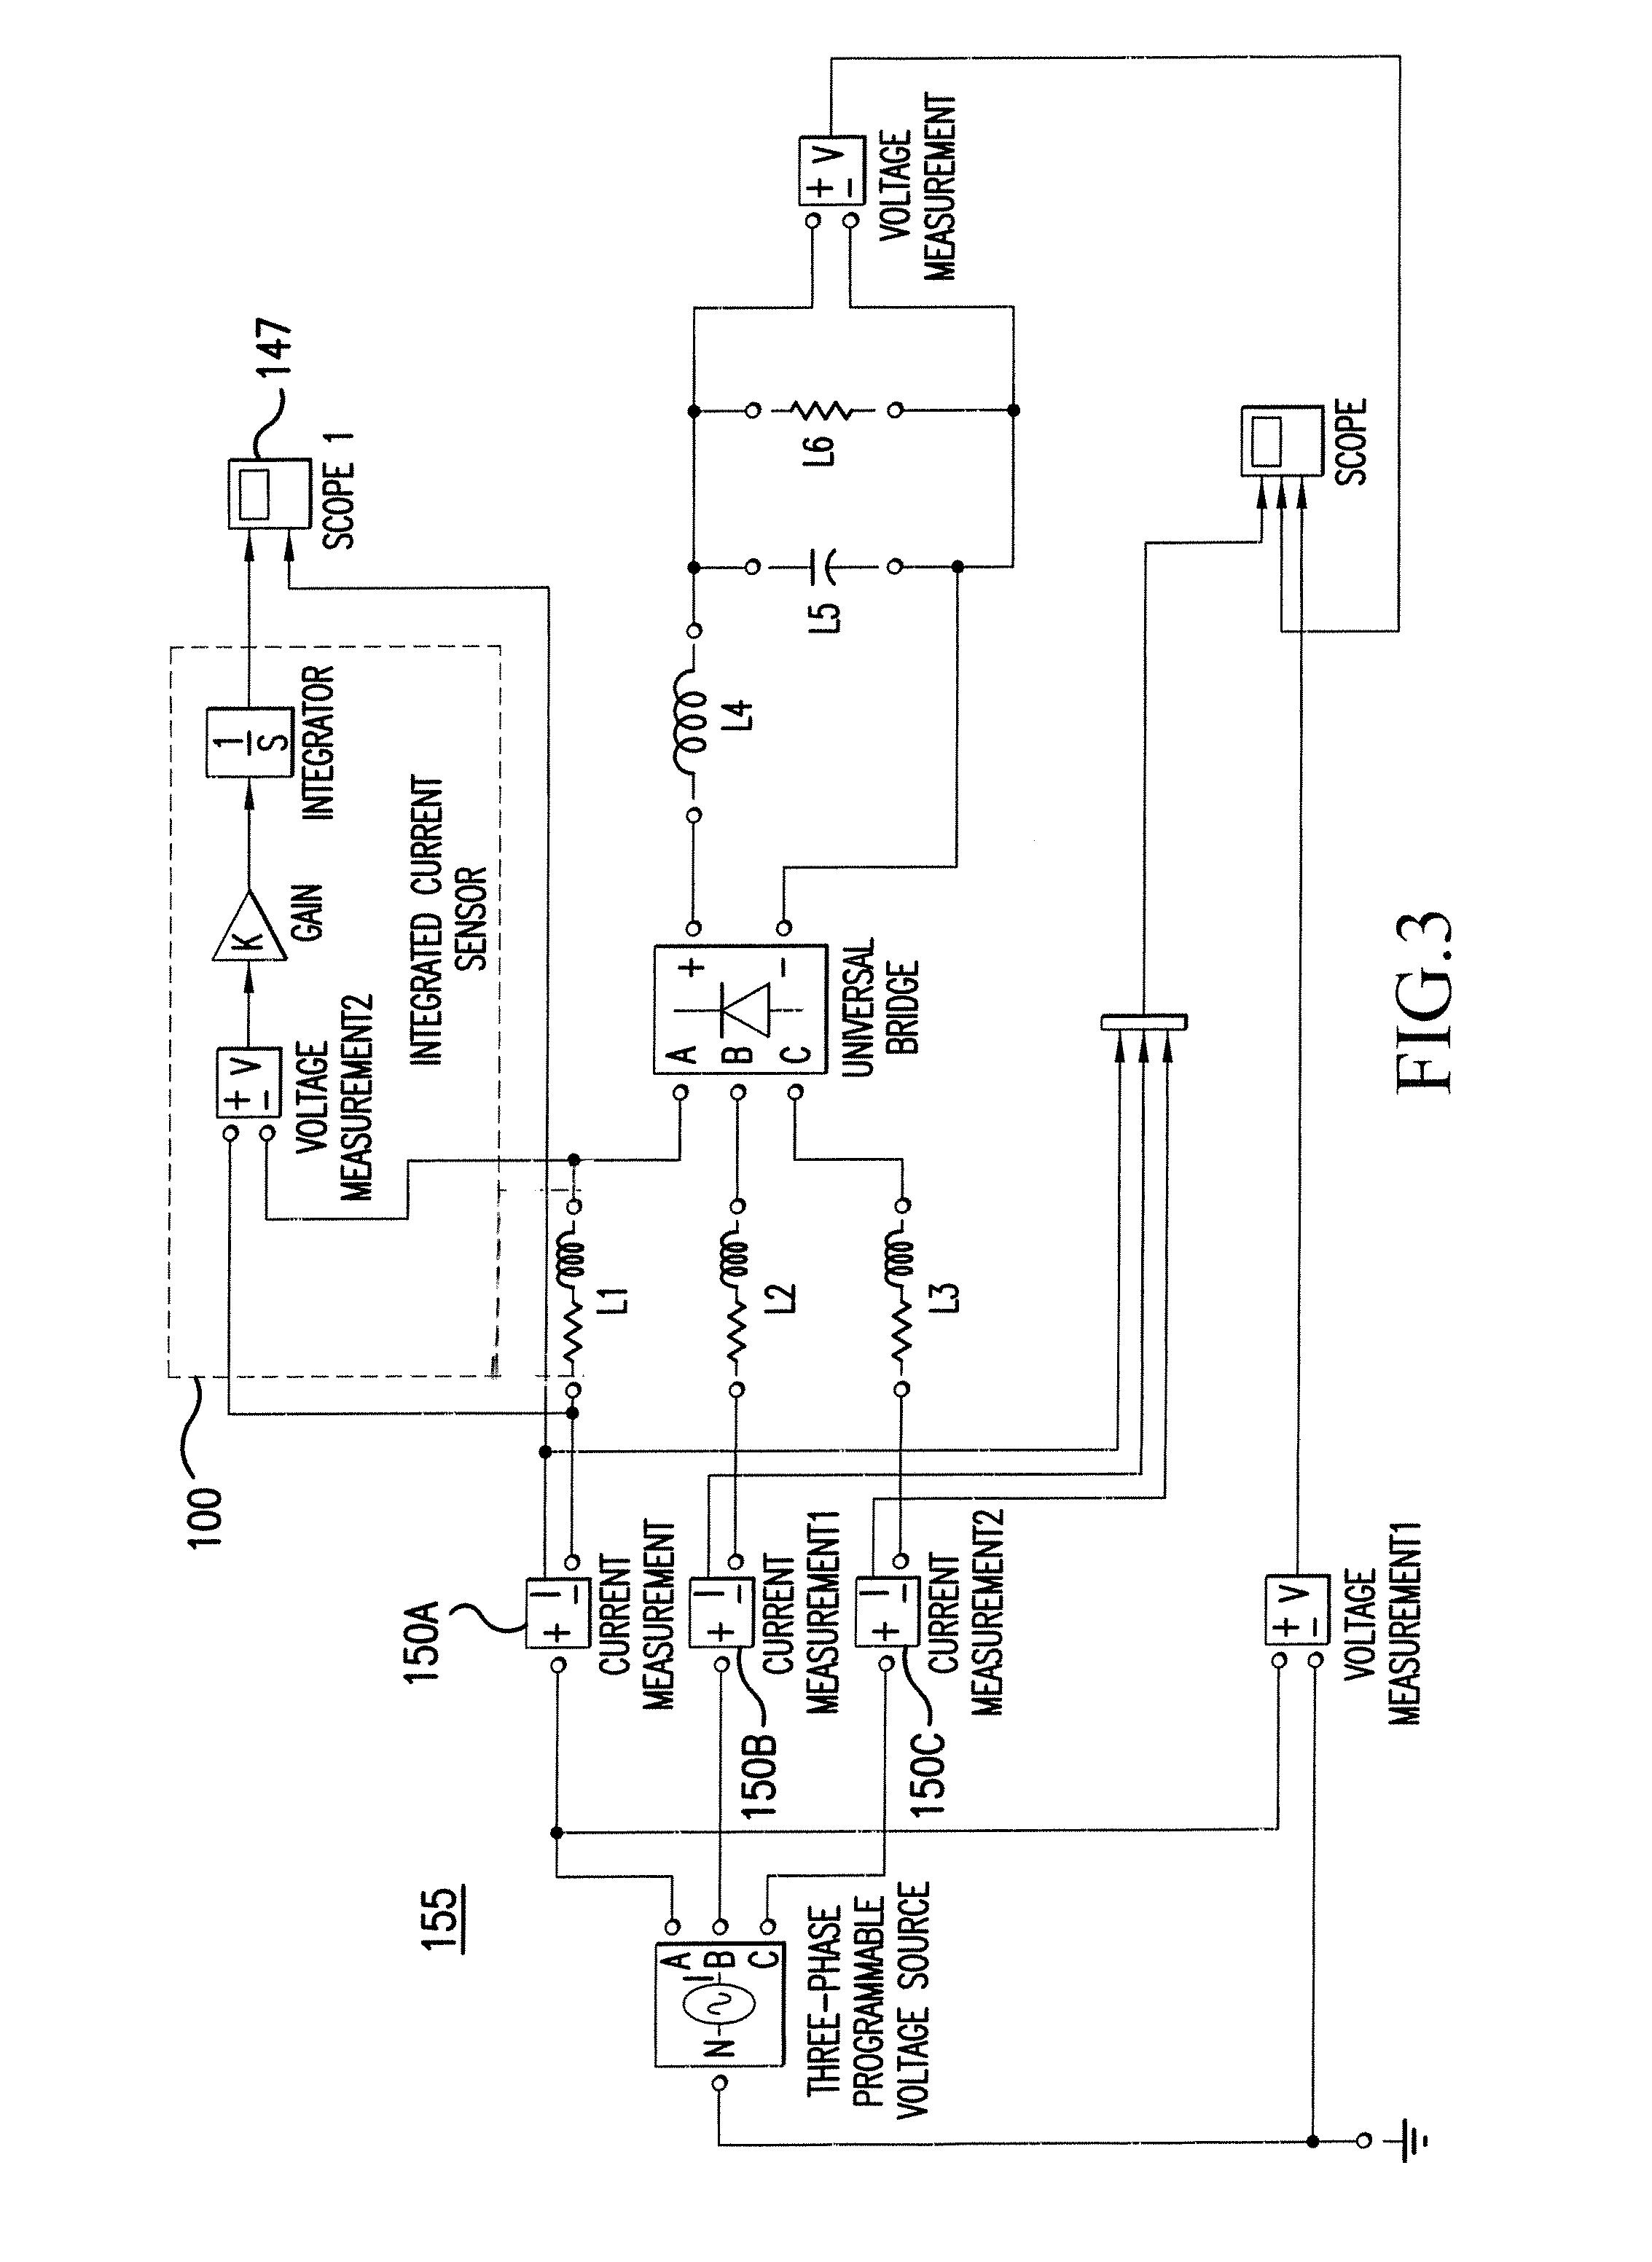 patent us7622910